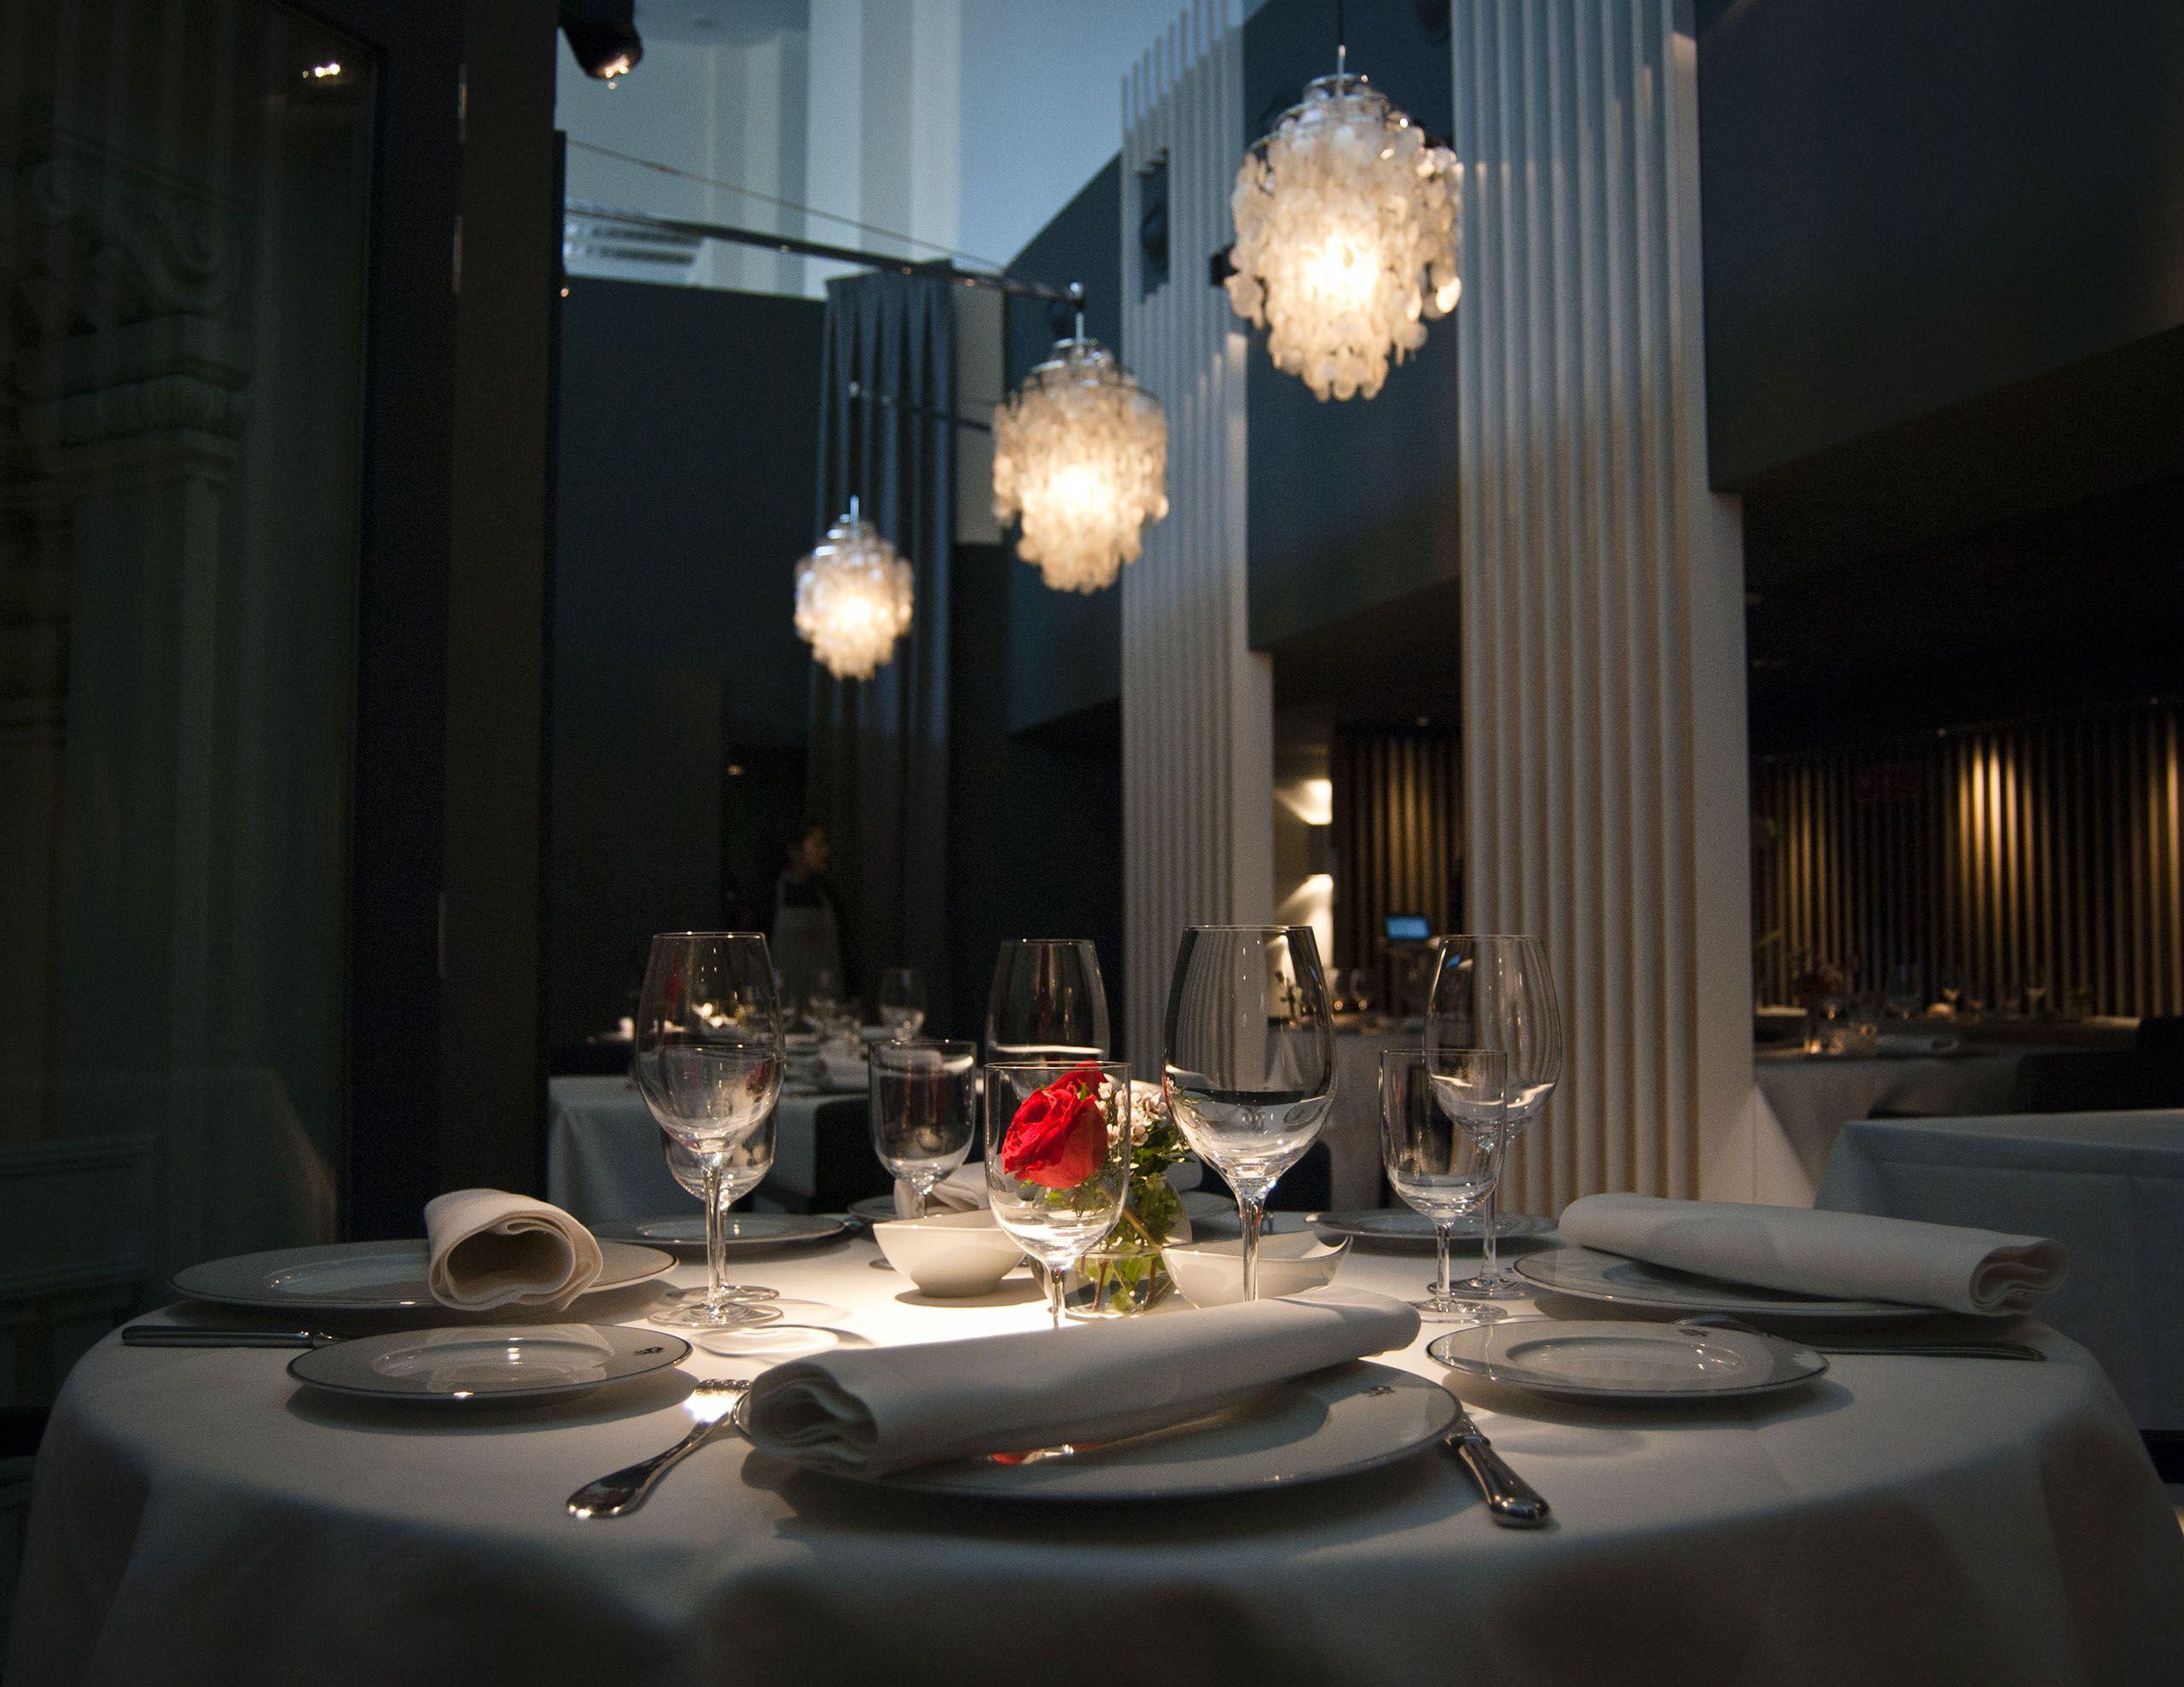 Restaurante Palacio De Cibeles Table Settings Restaurant Table